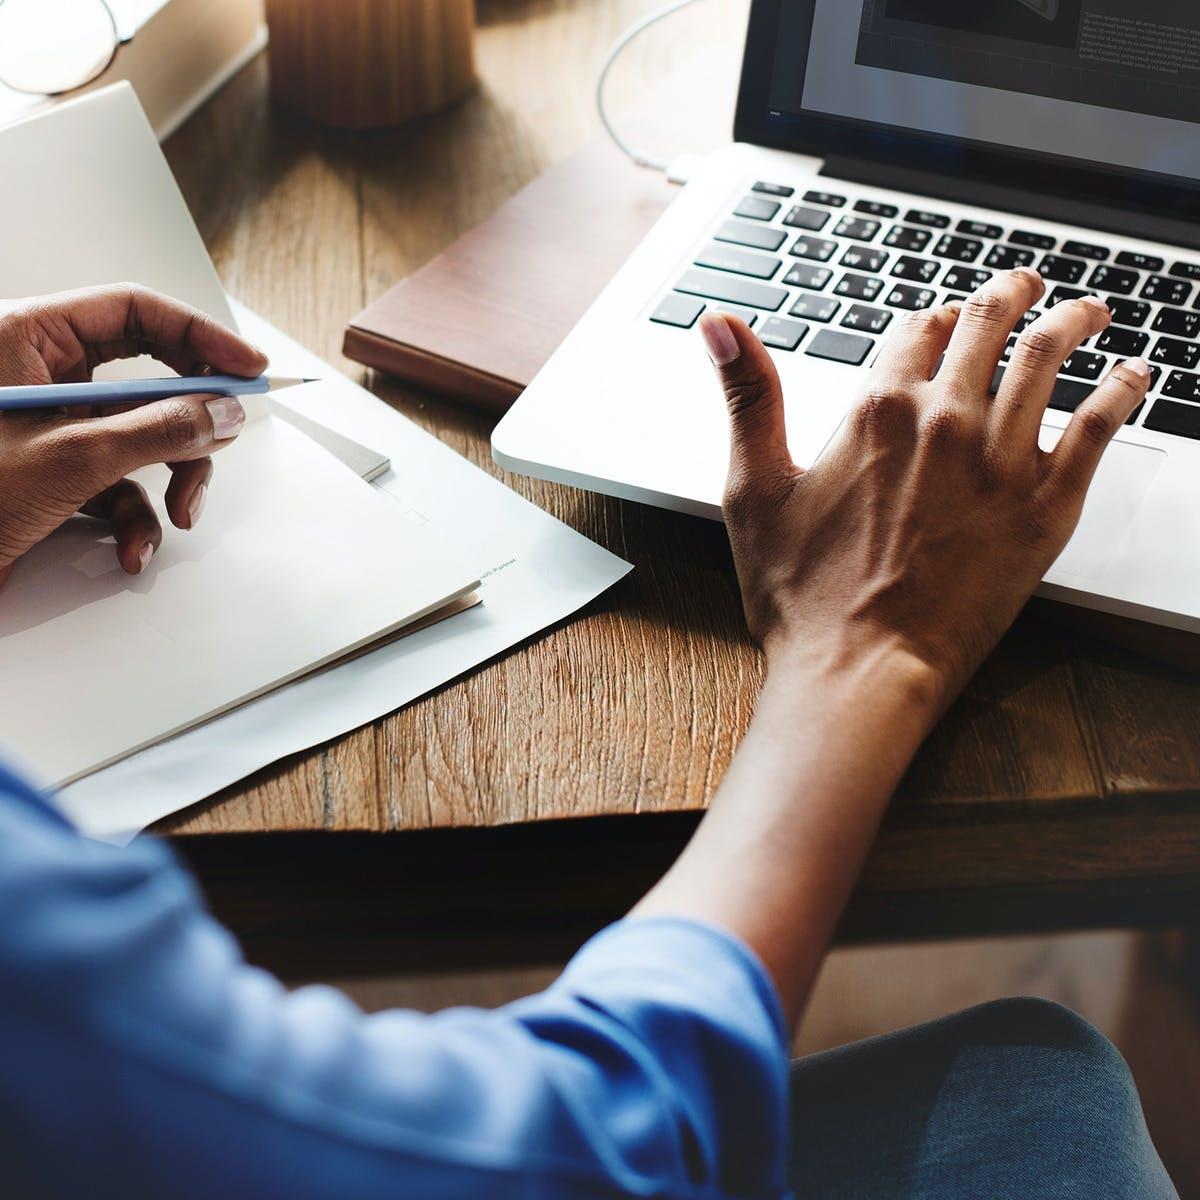 مهارات برنامج Excel للعمل: المبادئ الأساسية